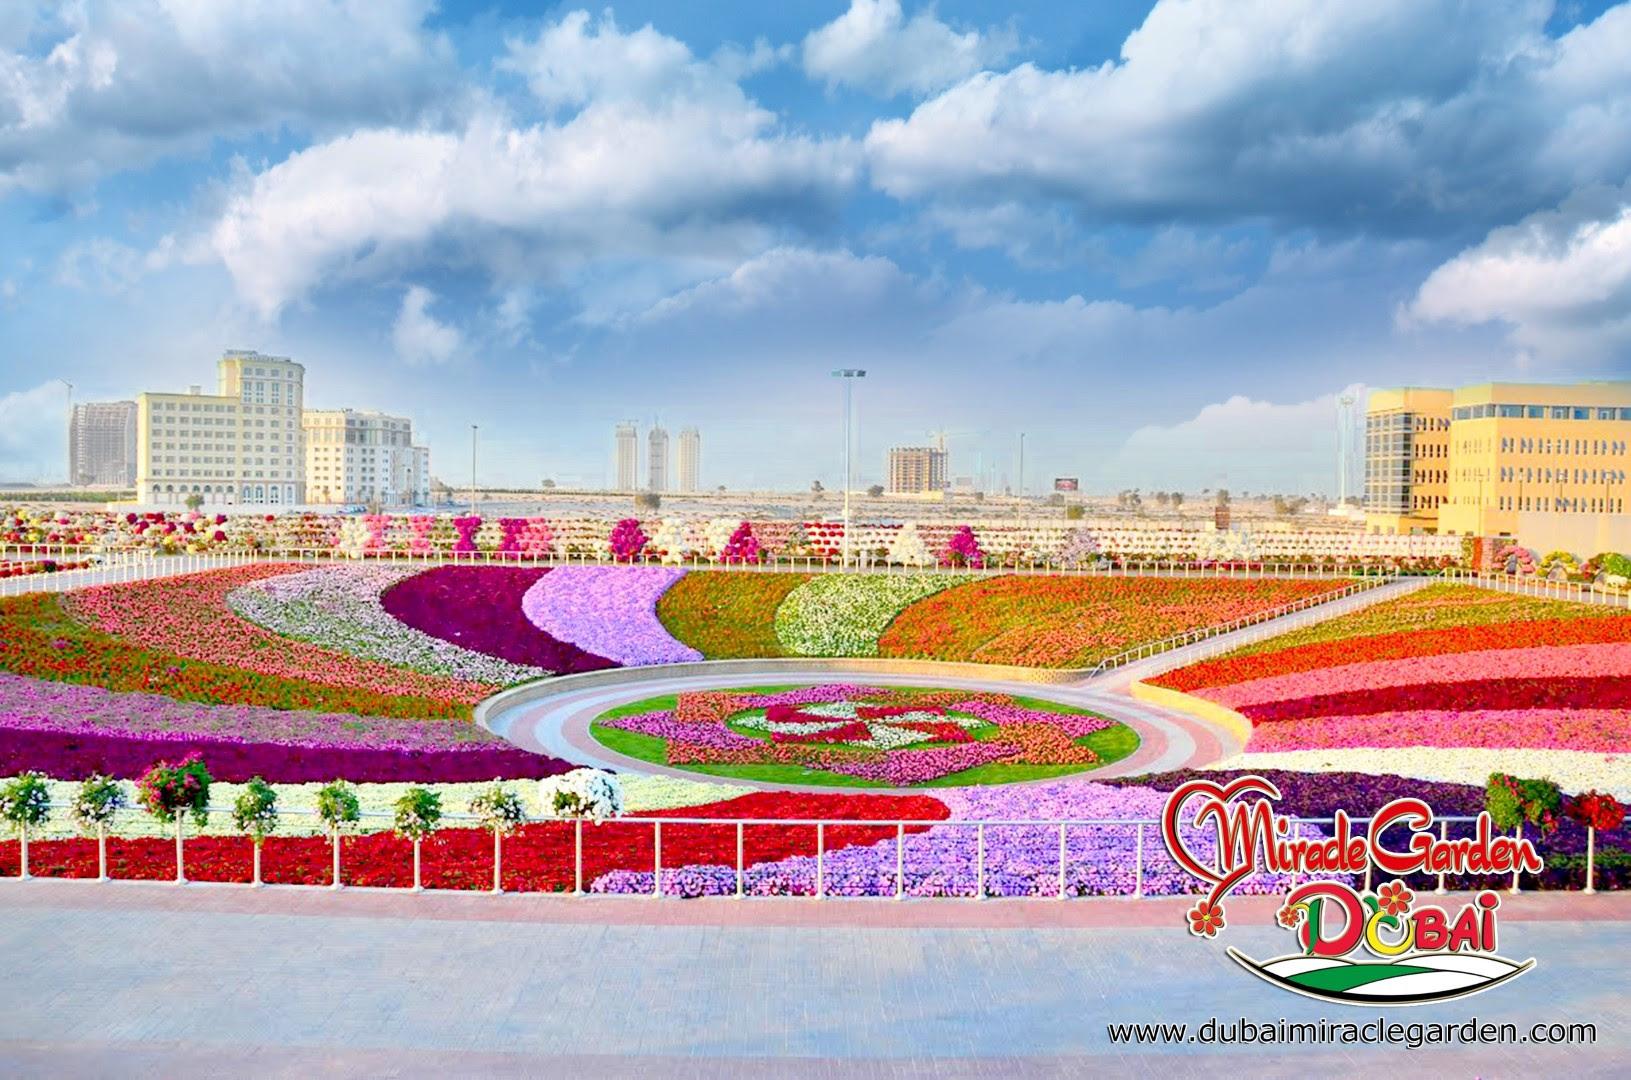 Dubai Miracle Garden 03